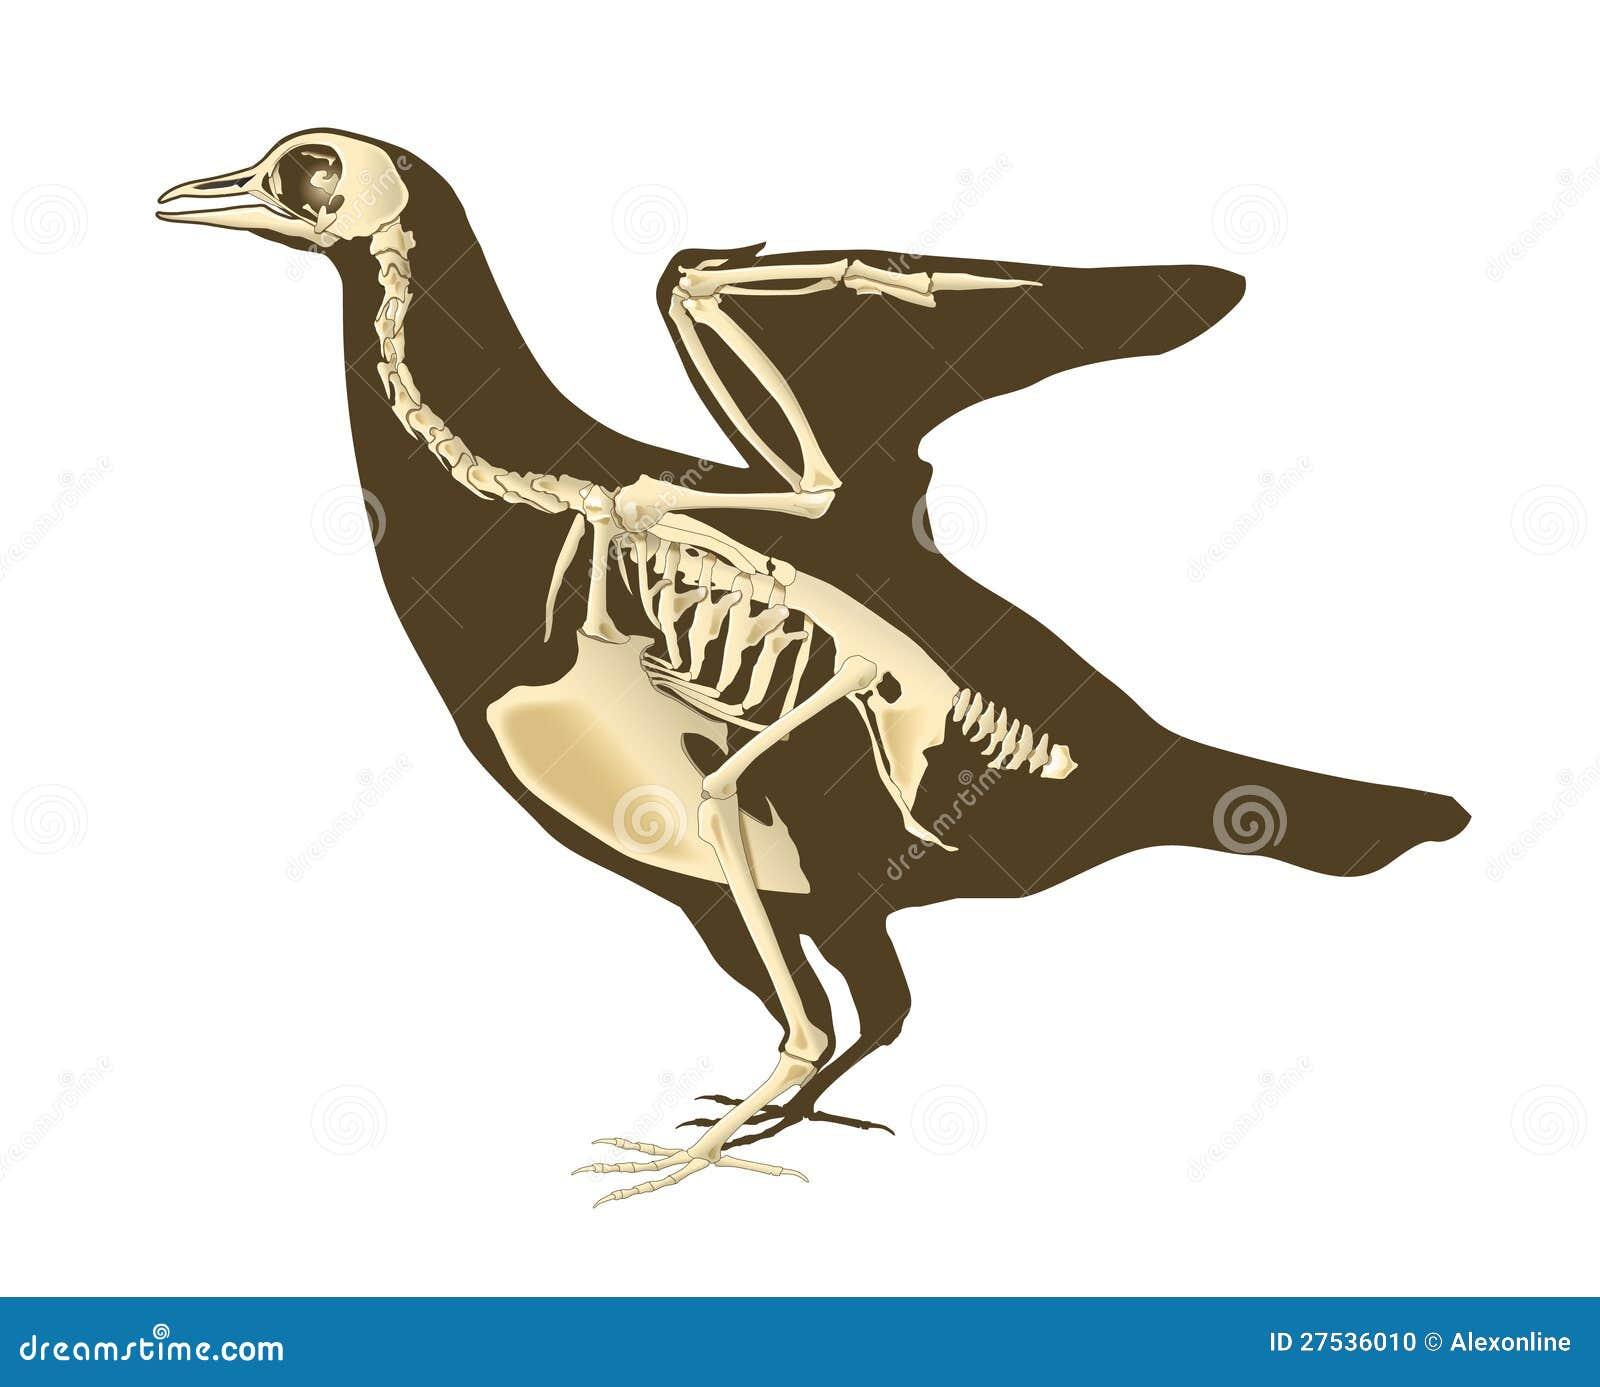 Paloma ilustración del vector. Ilustración de vuelo, estudio - 27536010